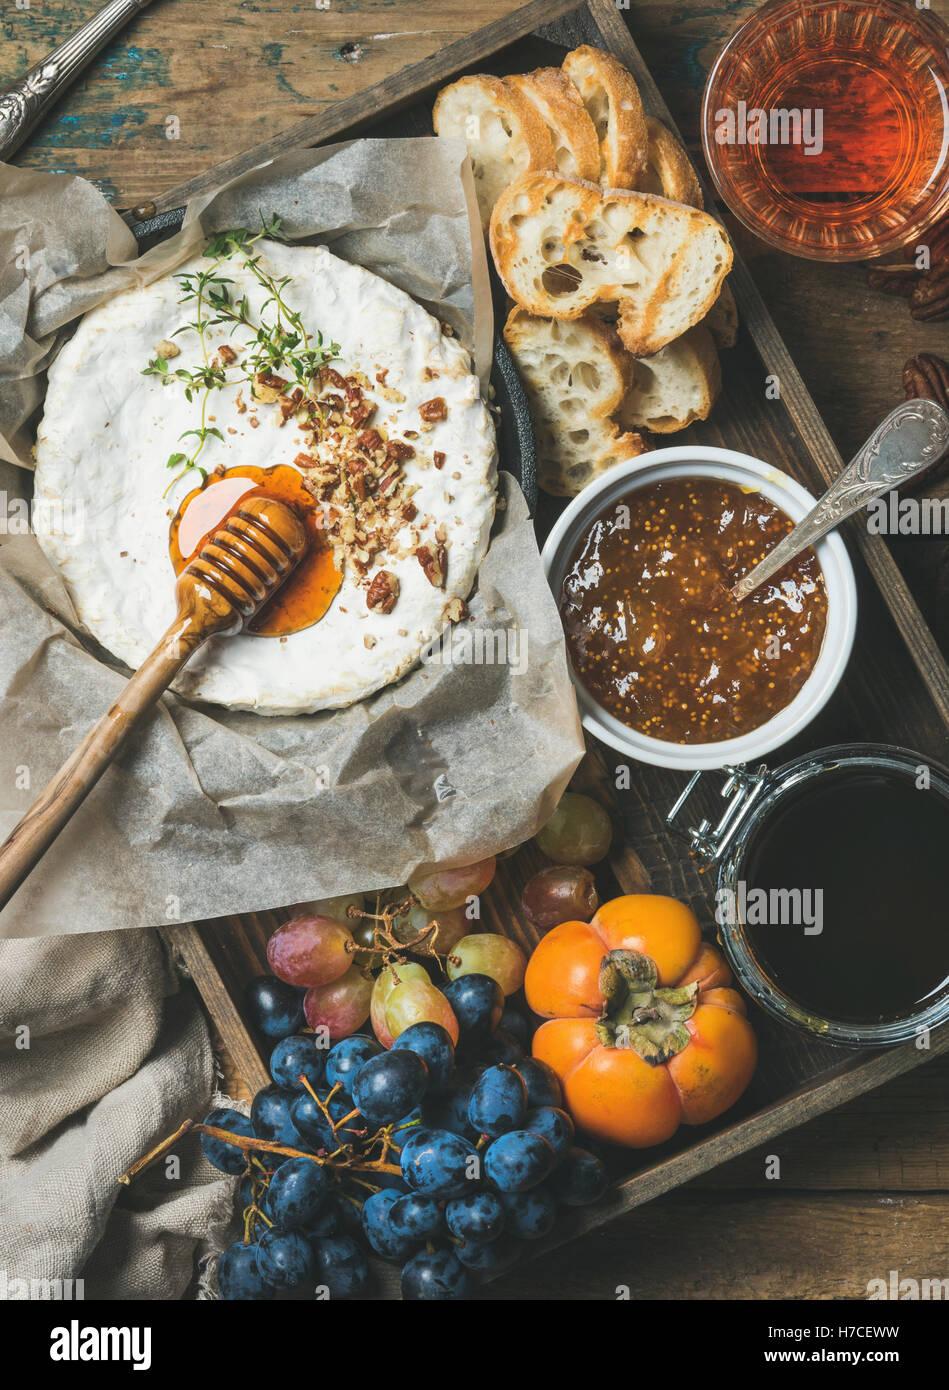 Formaggi, Frutta e Vino. Camembert in pentola con i dadi e le erbe aromatiche, uva, persimmon, fig marmellata, miele, Immagini Stock